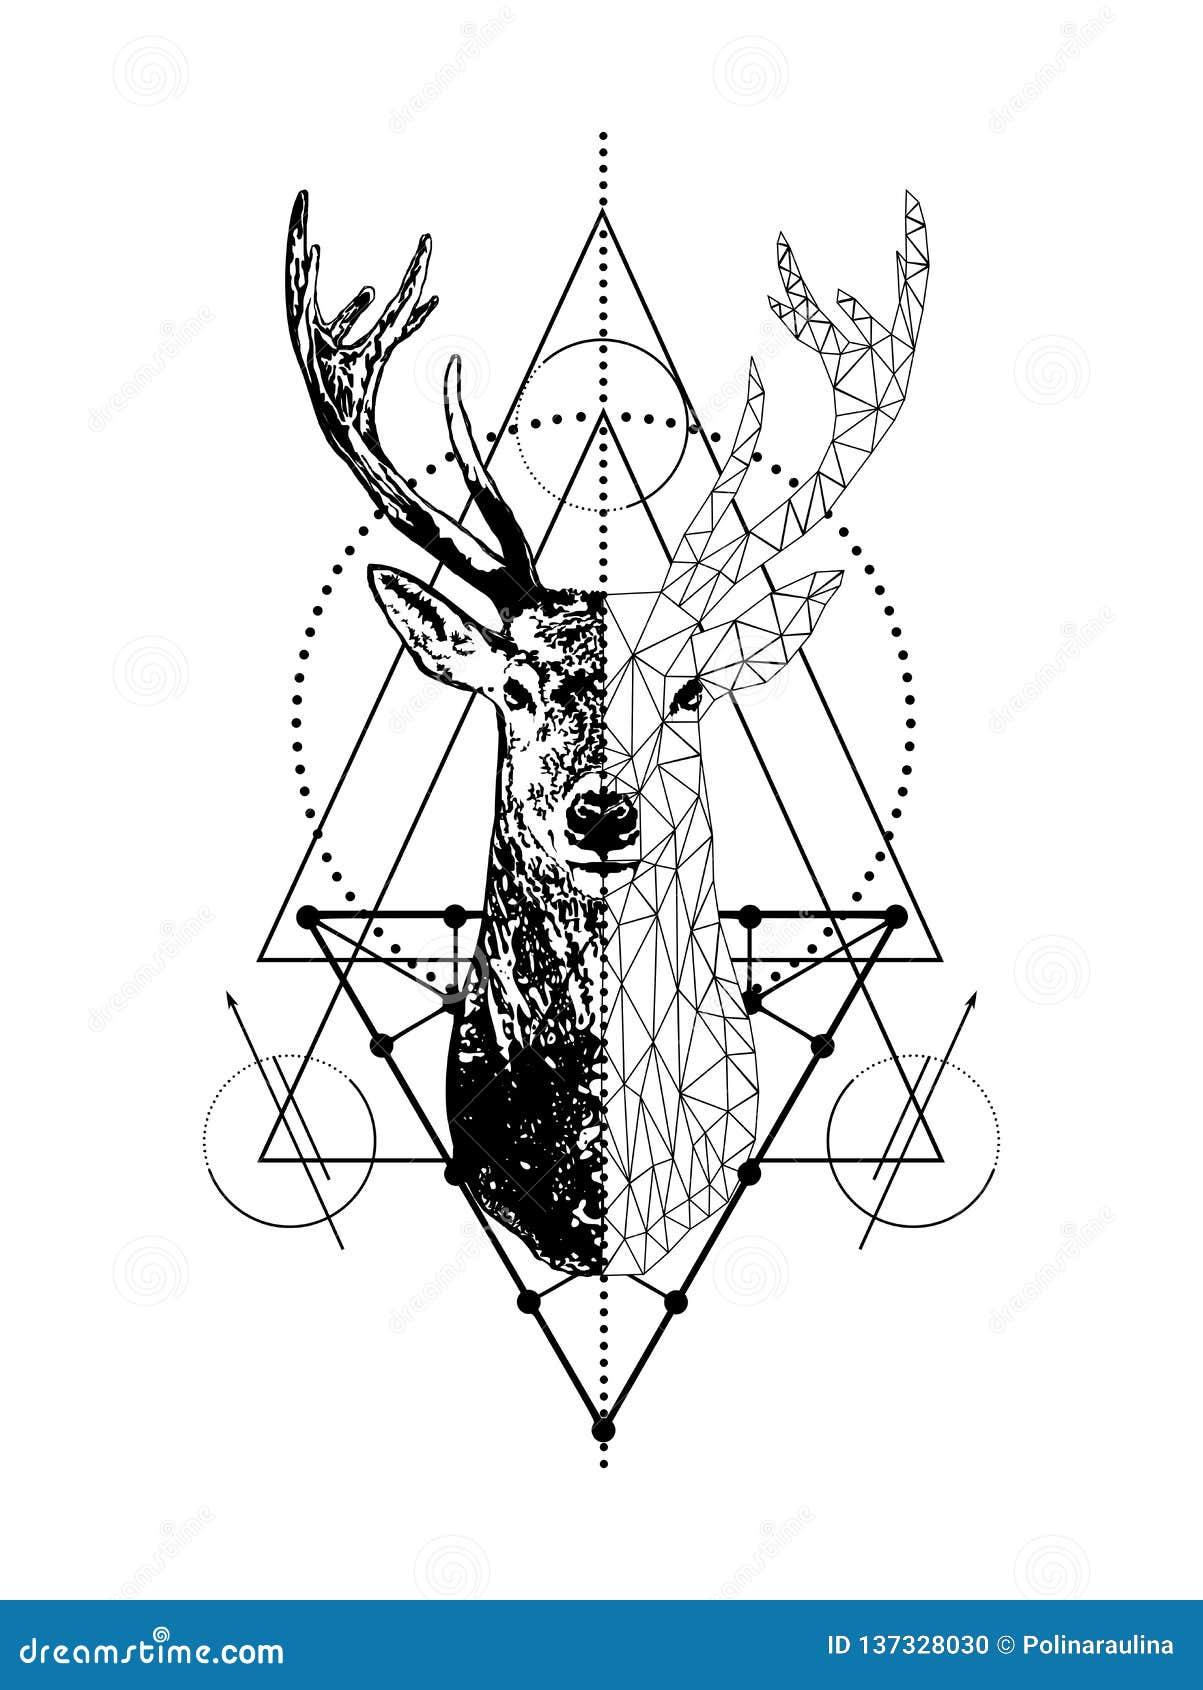 Progettazione geometrica creativa di stile di arte del tatuaggio dei cervi di vettore Poli testa bassa dei cervi con il triangolo